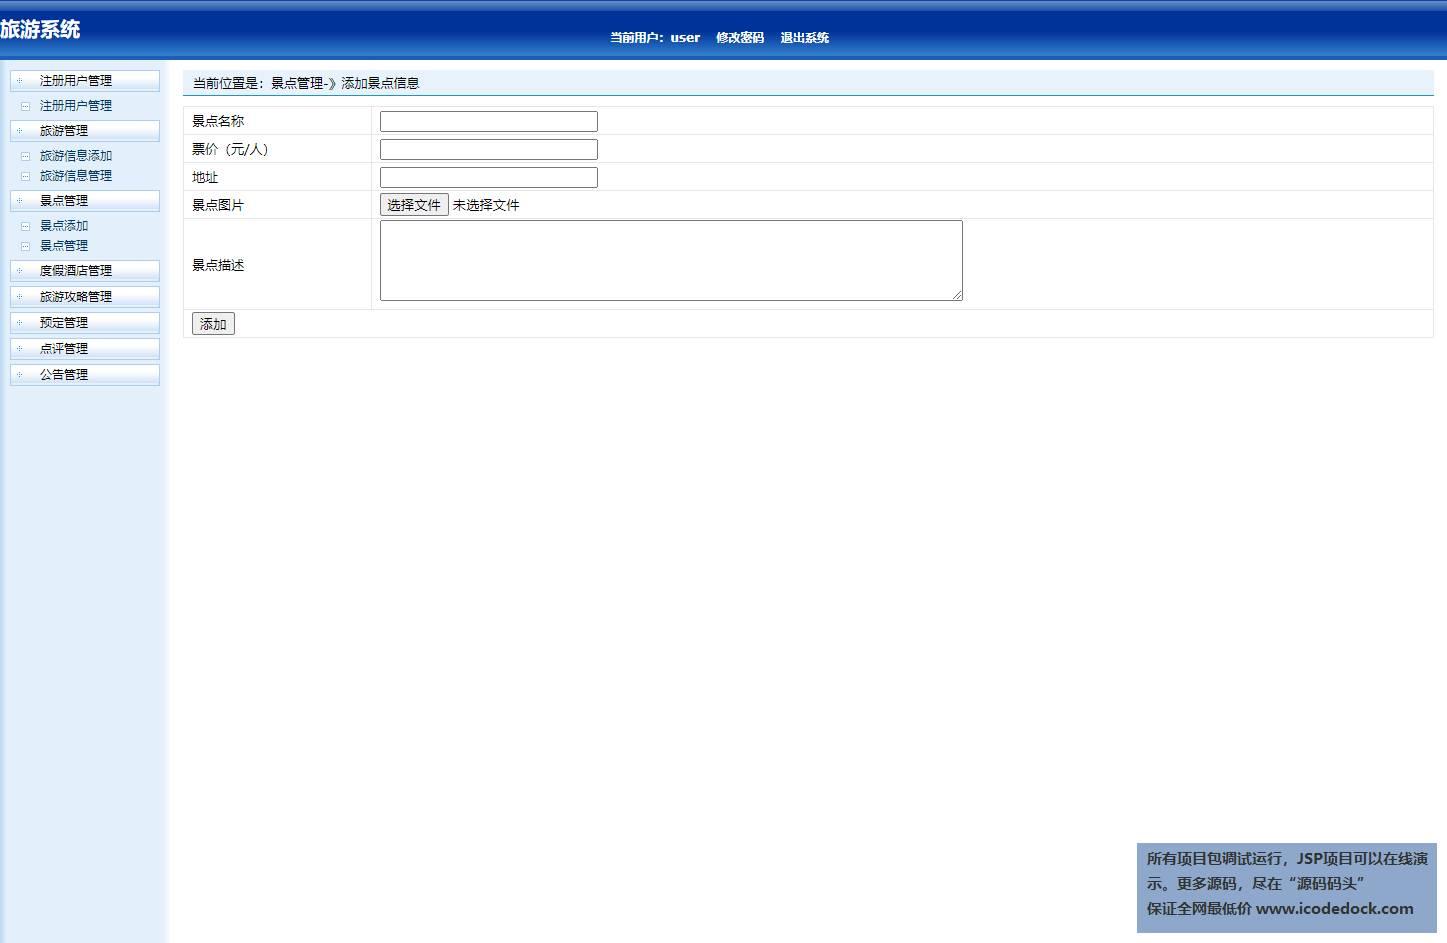 源码码头-SSH实现在线旅游网站-管理员角色-景点管理